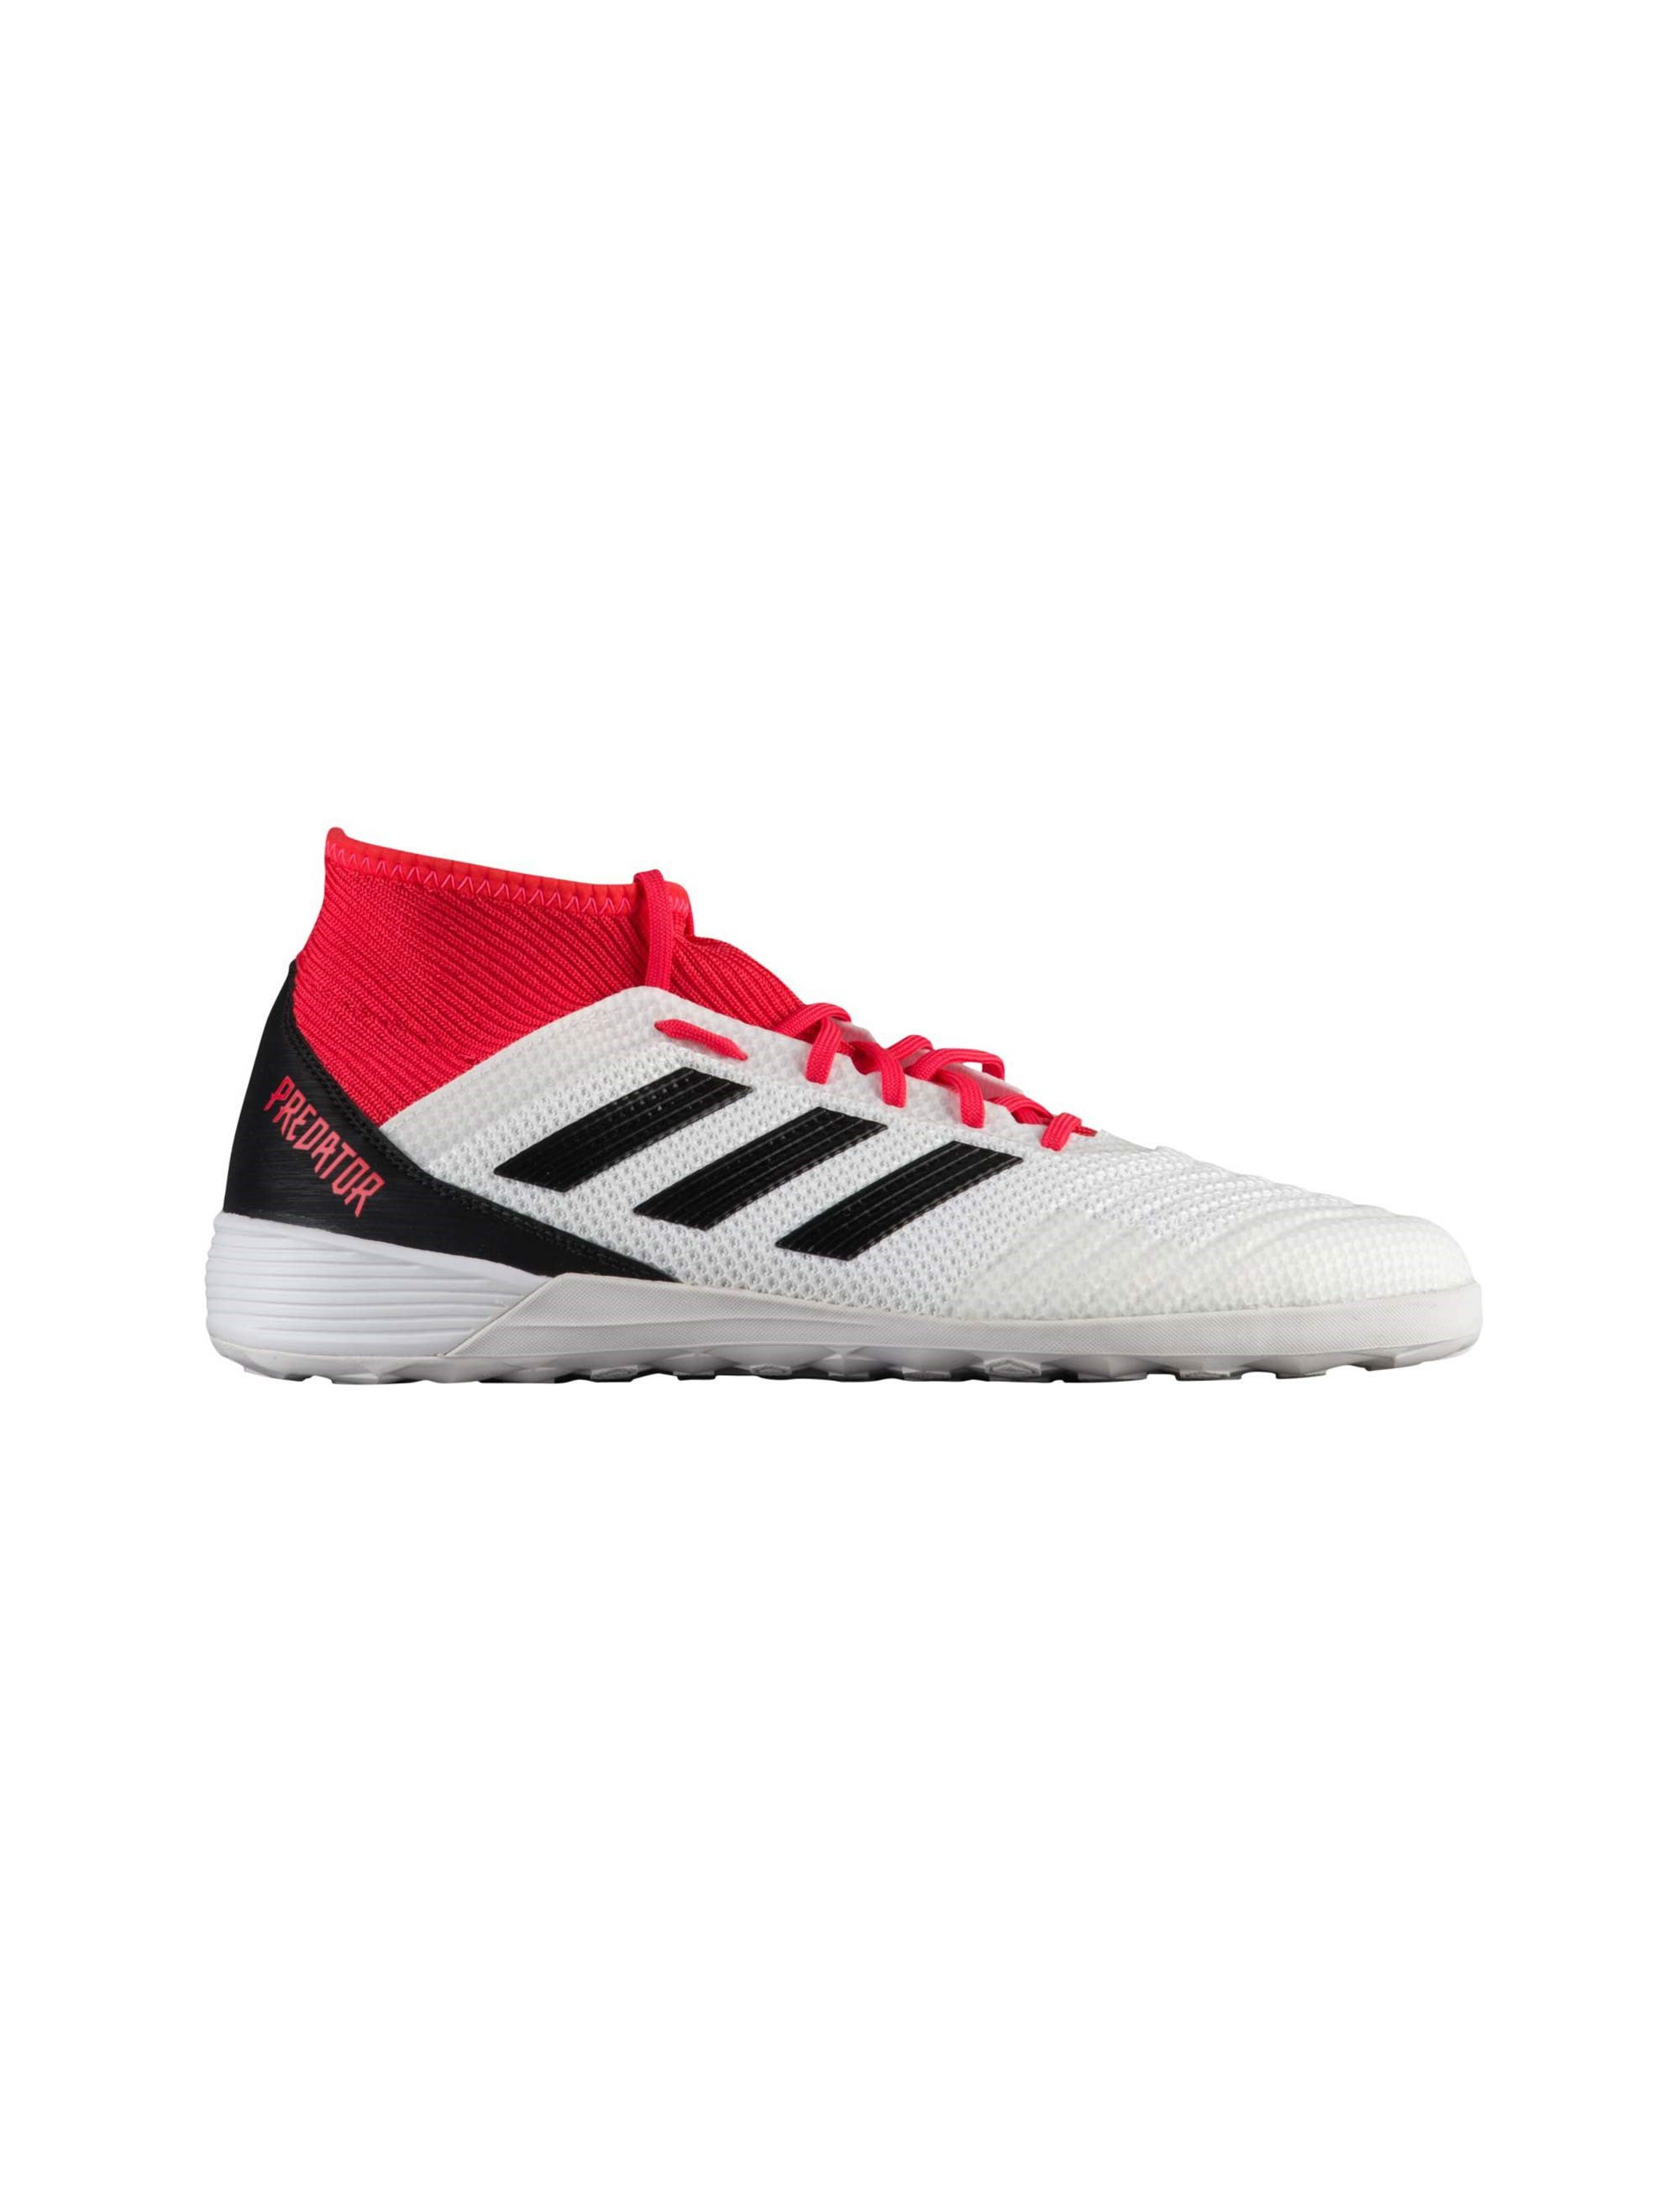 کفش مخصوص فوتبال مردانه آدیداس مدل Predator Tango 18-3